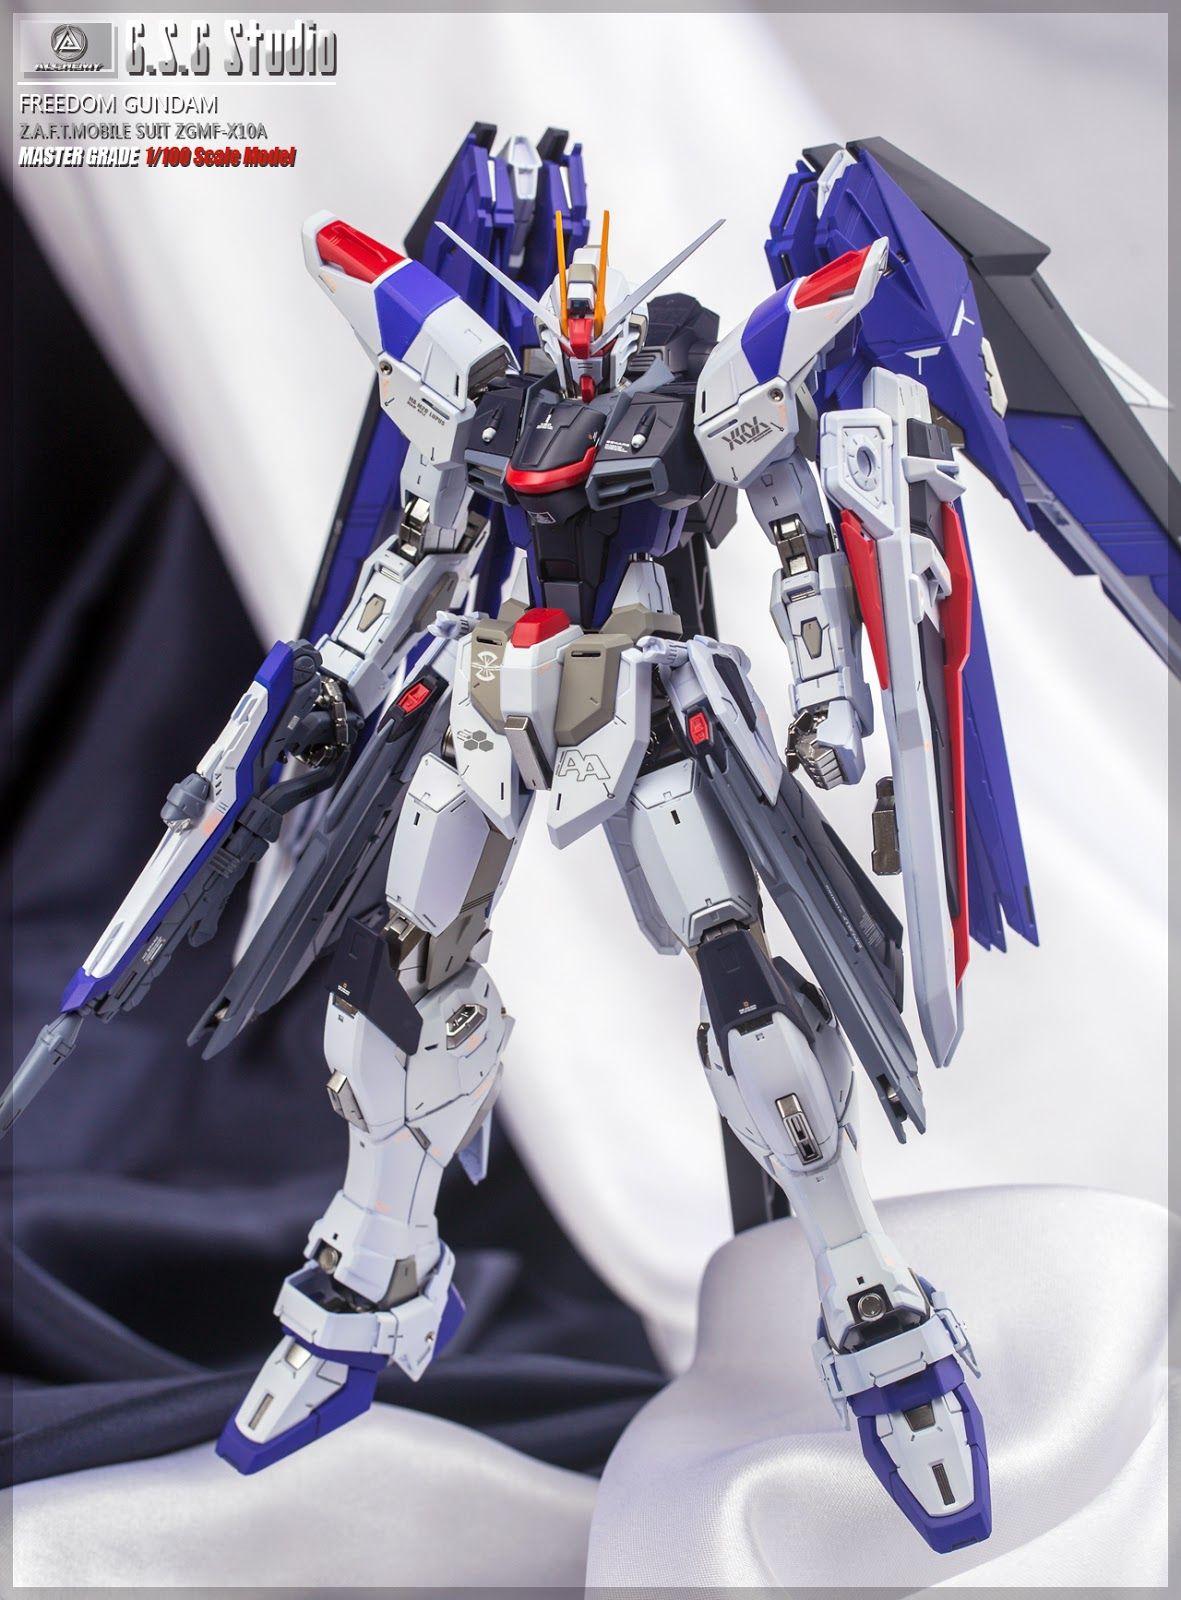 GUNDAM GUY: MG 1/100 Freedom Gundam Ver. 2.0 - Painted Build